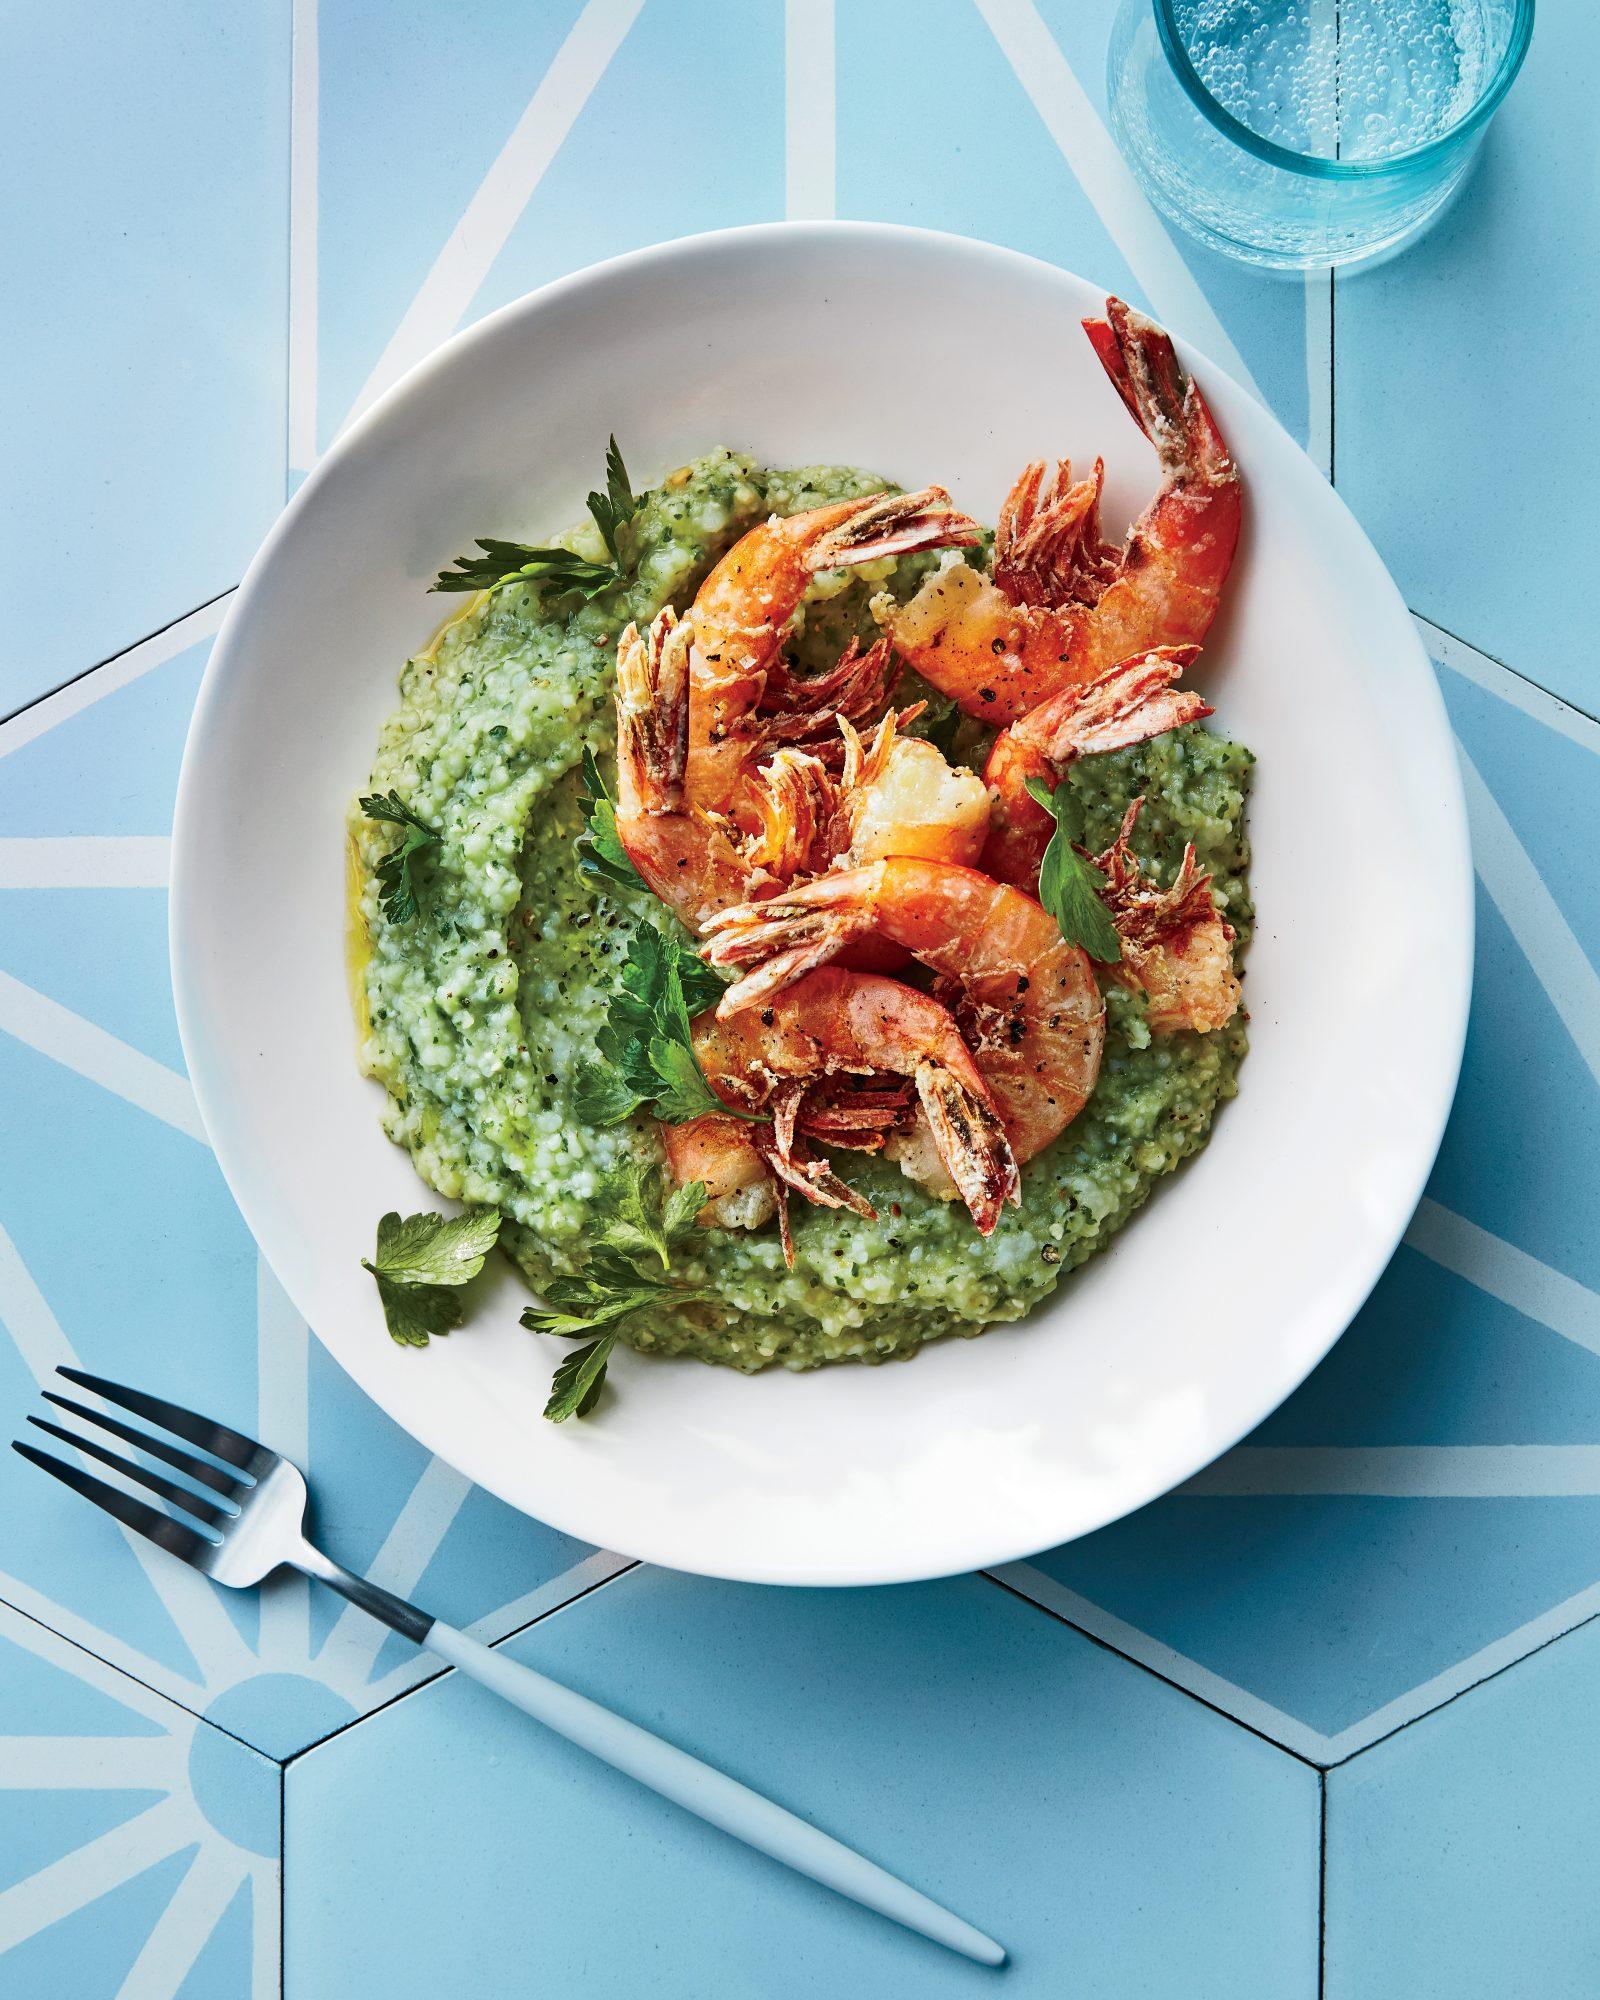 cl- Crispy Salt-and-Pepper Shrimp over Green Grits